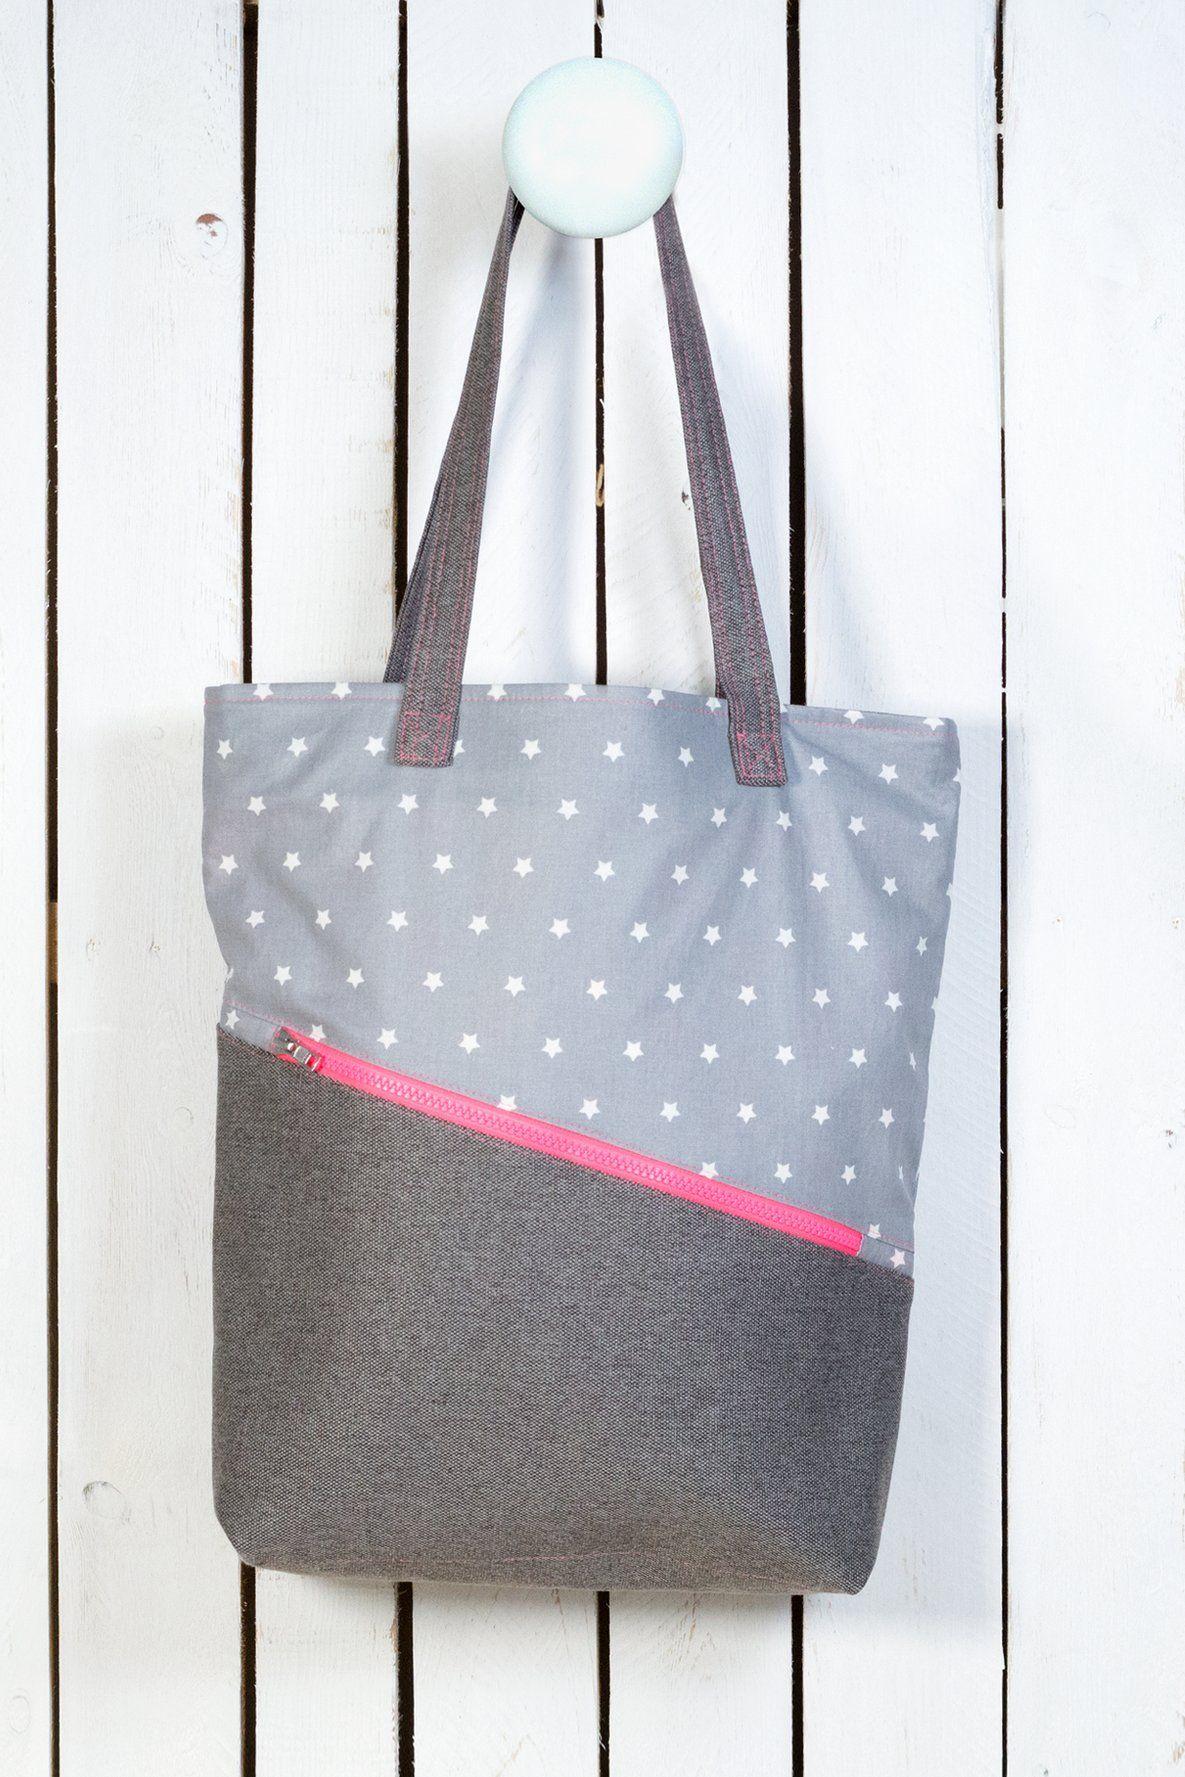 Tasche Muster grau Nähanleitung | Schnittmuster tasche